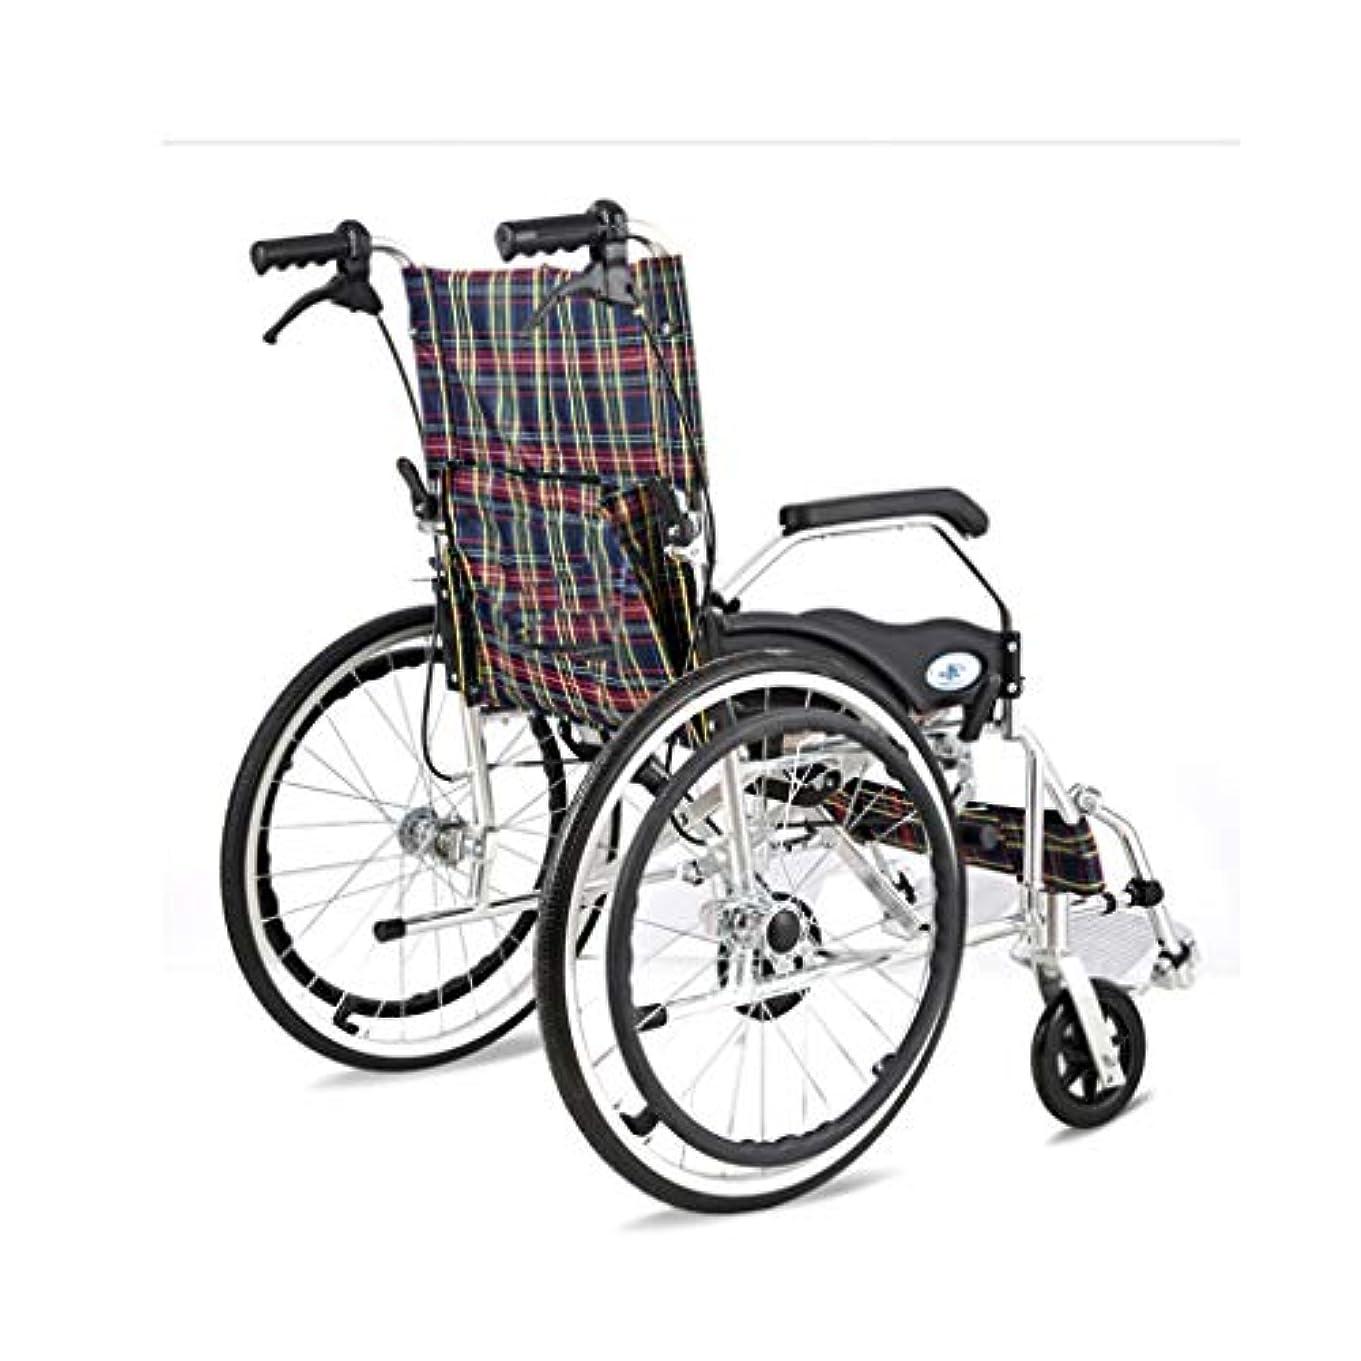 平日ポゴスティックジャンプバックグラウンド車椅子折りたたみ式インフレータブル後輪、四輪ブレーキ設計、高齢者および身体障害者用屋外トロリー